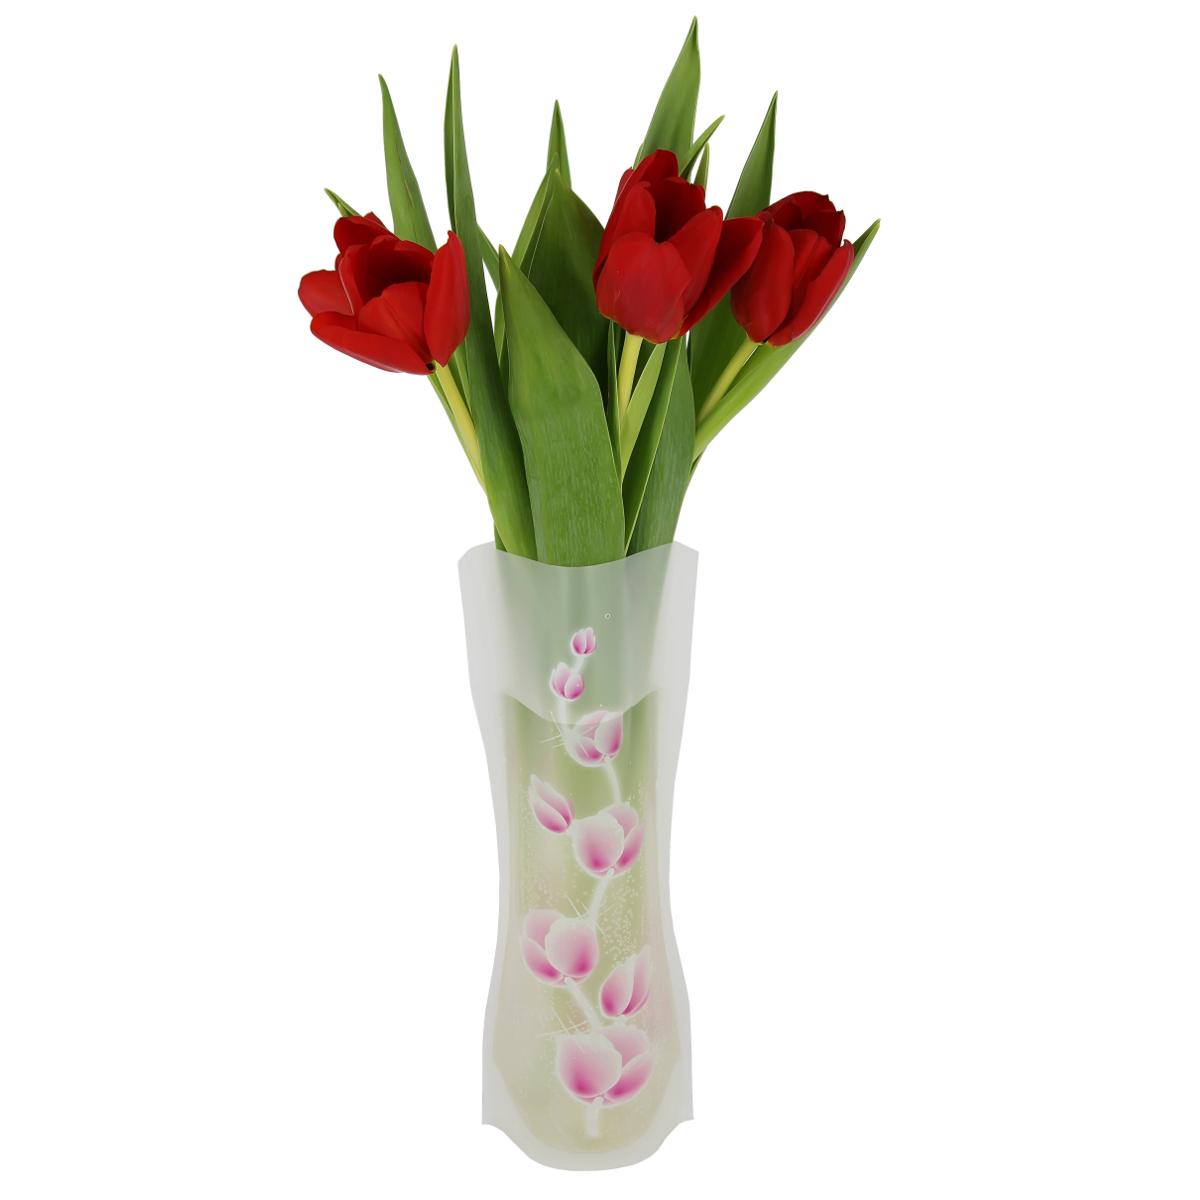 Ваза МастерПроф Розовые пионы, пластичная, 1 лFS-91909Пластичная ваза Розовые пионы легко складывается, удобно хранится - занимает мало места, долго служит. Всегда пригодится дома, в офисе, на даче, для оформления различных меропритятий. Отлично подойдет для перевозки цветов, или просто в подарок.Инструкция: 1. Наполните вазу теплой водой;2. Дно и стенки расправятся;3. Вылейте воду;4. Наполните вазу холодной водой;5. Вставьте цветы.Меры предосторожности:Хранить вдали от источников тепла и яркого солнечного света. С осторожностью применять для растений с длинными стеблями и с крупными соцветиями, что бы избежать опрокидывания вазы.